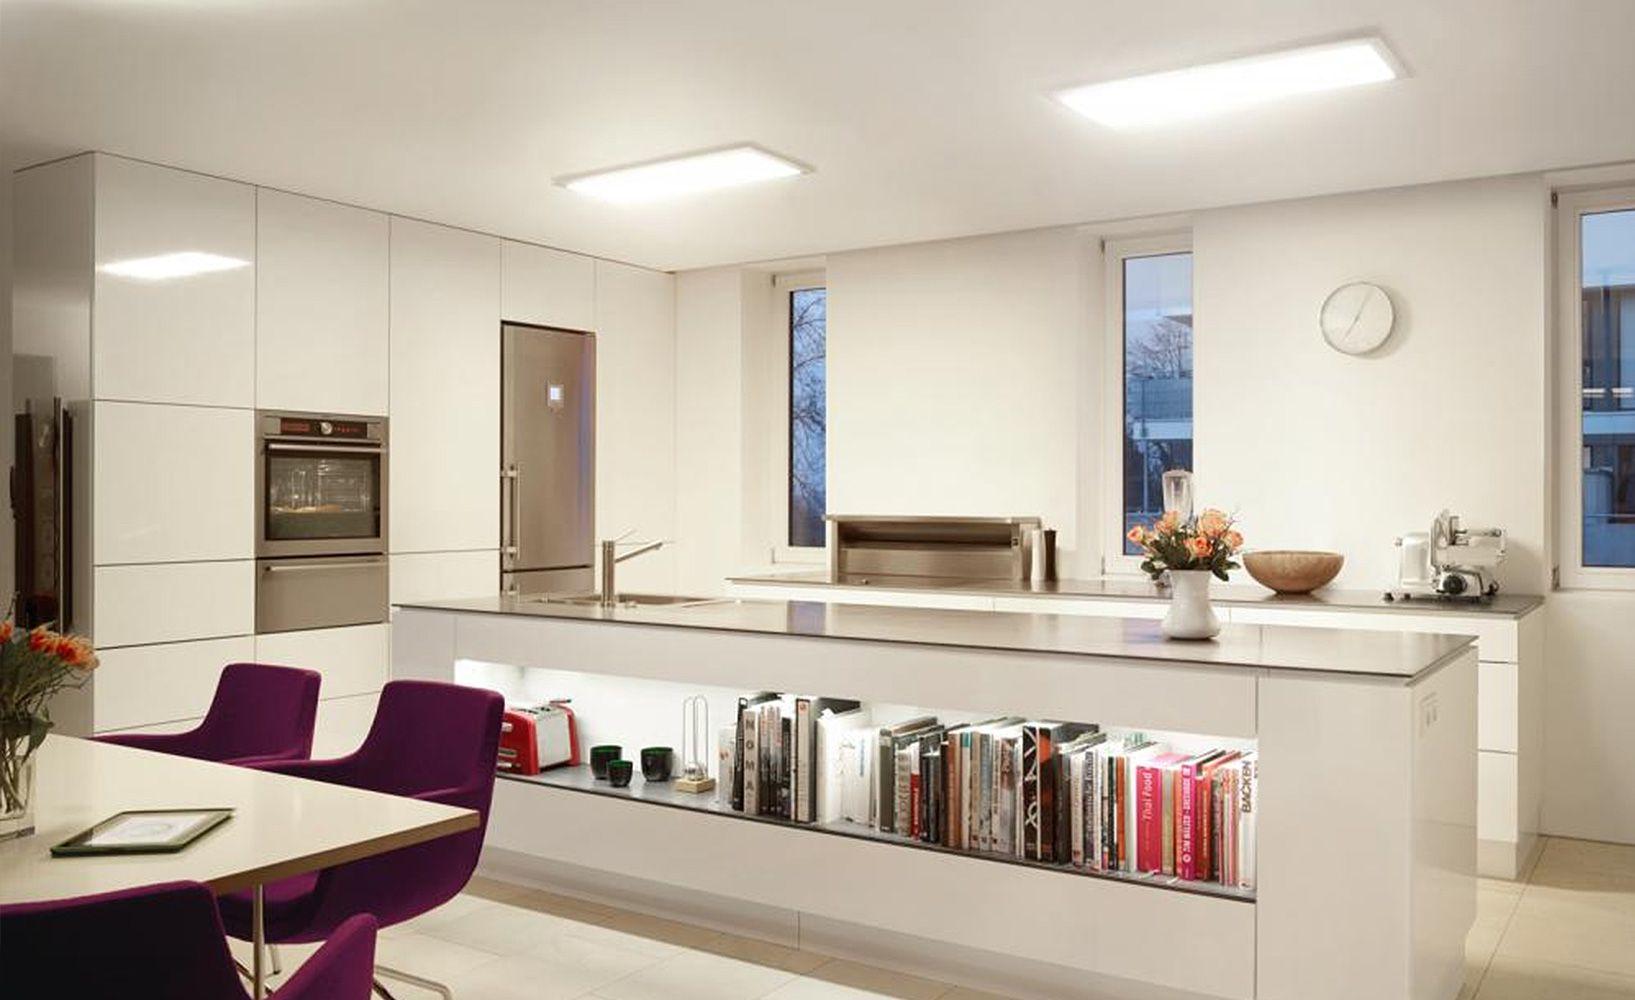 Full Size of Lichtkonzepte Mit Led Panels Lampe Kche Küche Billig Kaufen Büroküche Pendelleuchten Günstig Elektrogeräten Klimagerät Für Schlafzimmer Deckenleuchte Wohnzimmer Lampen Für Küche